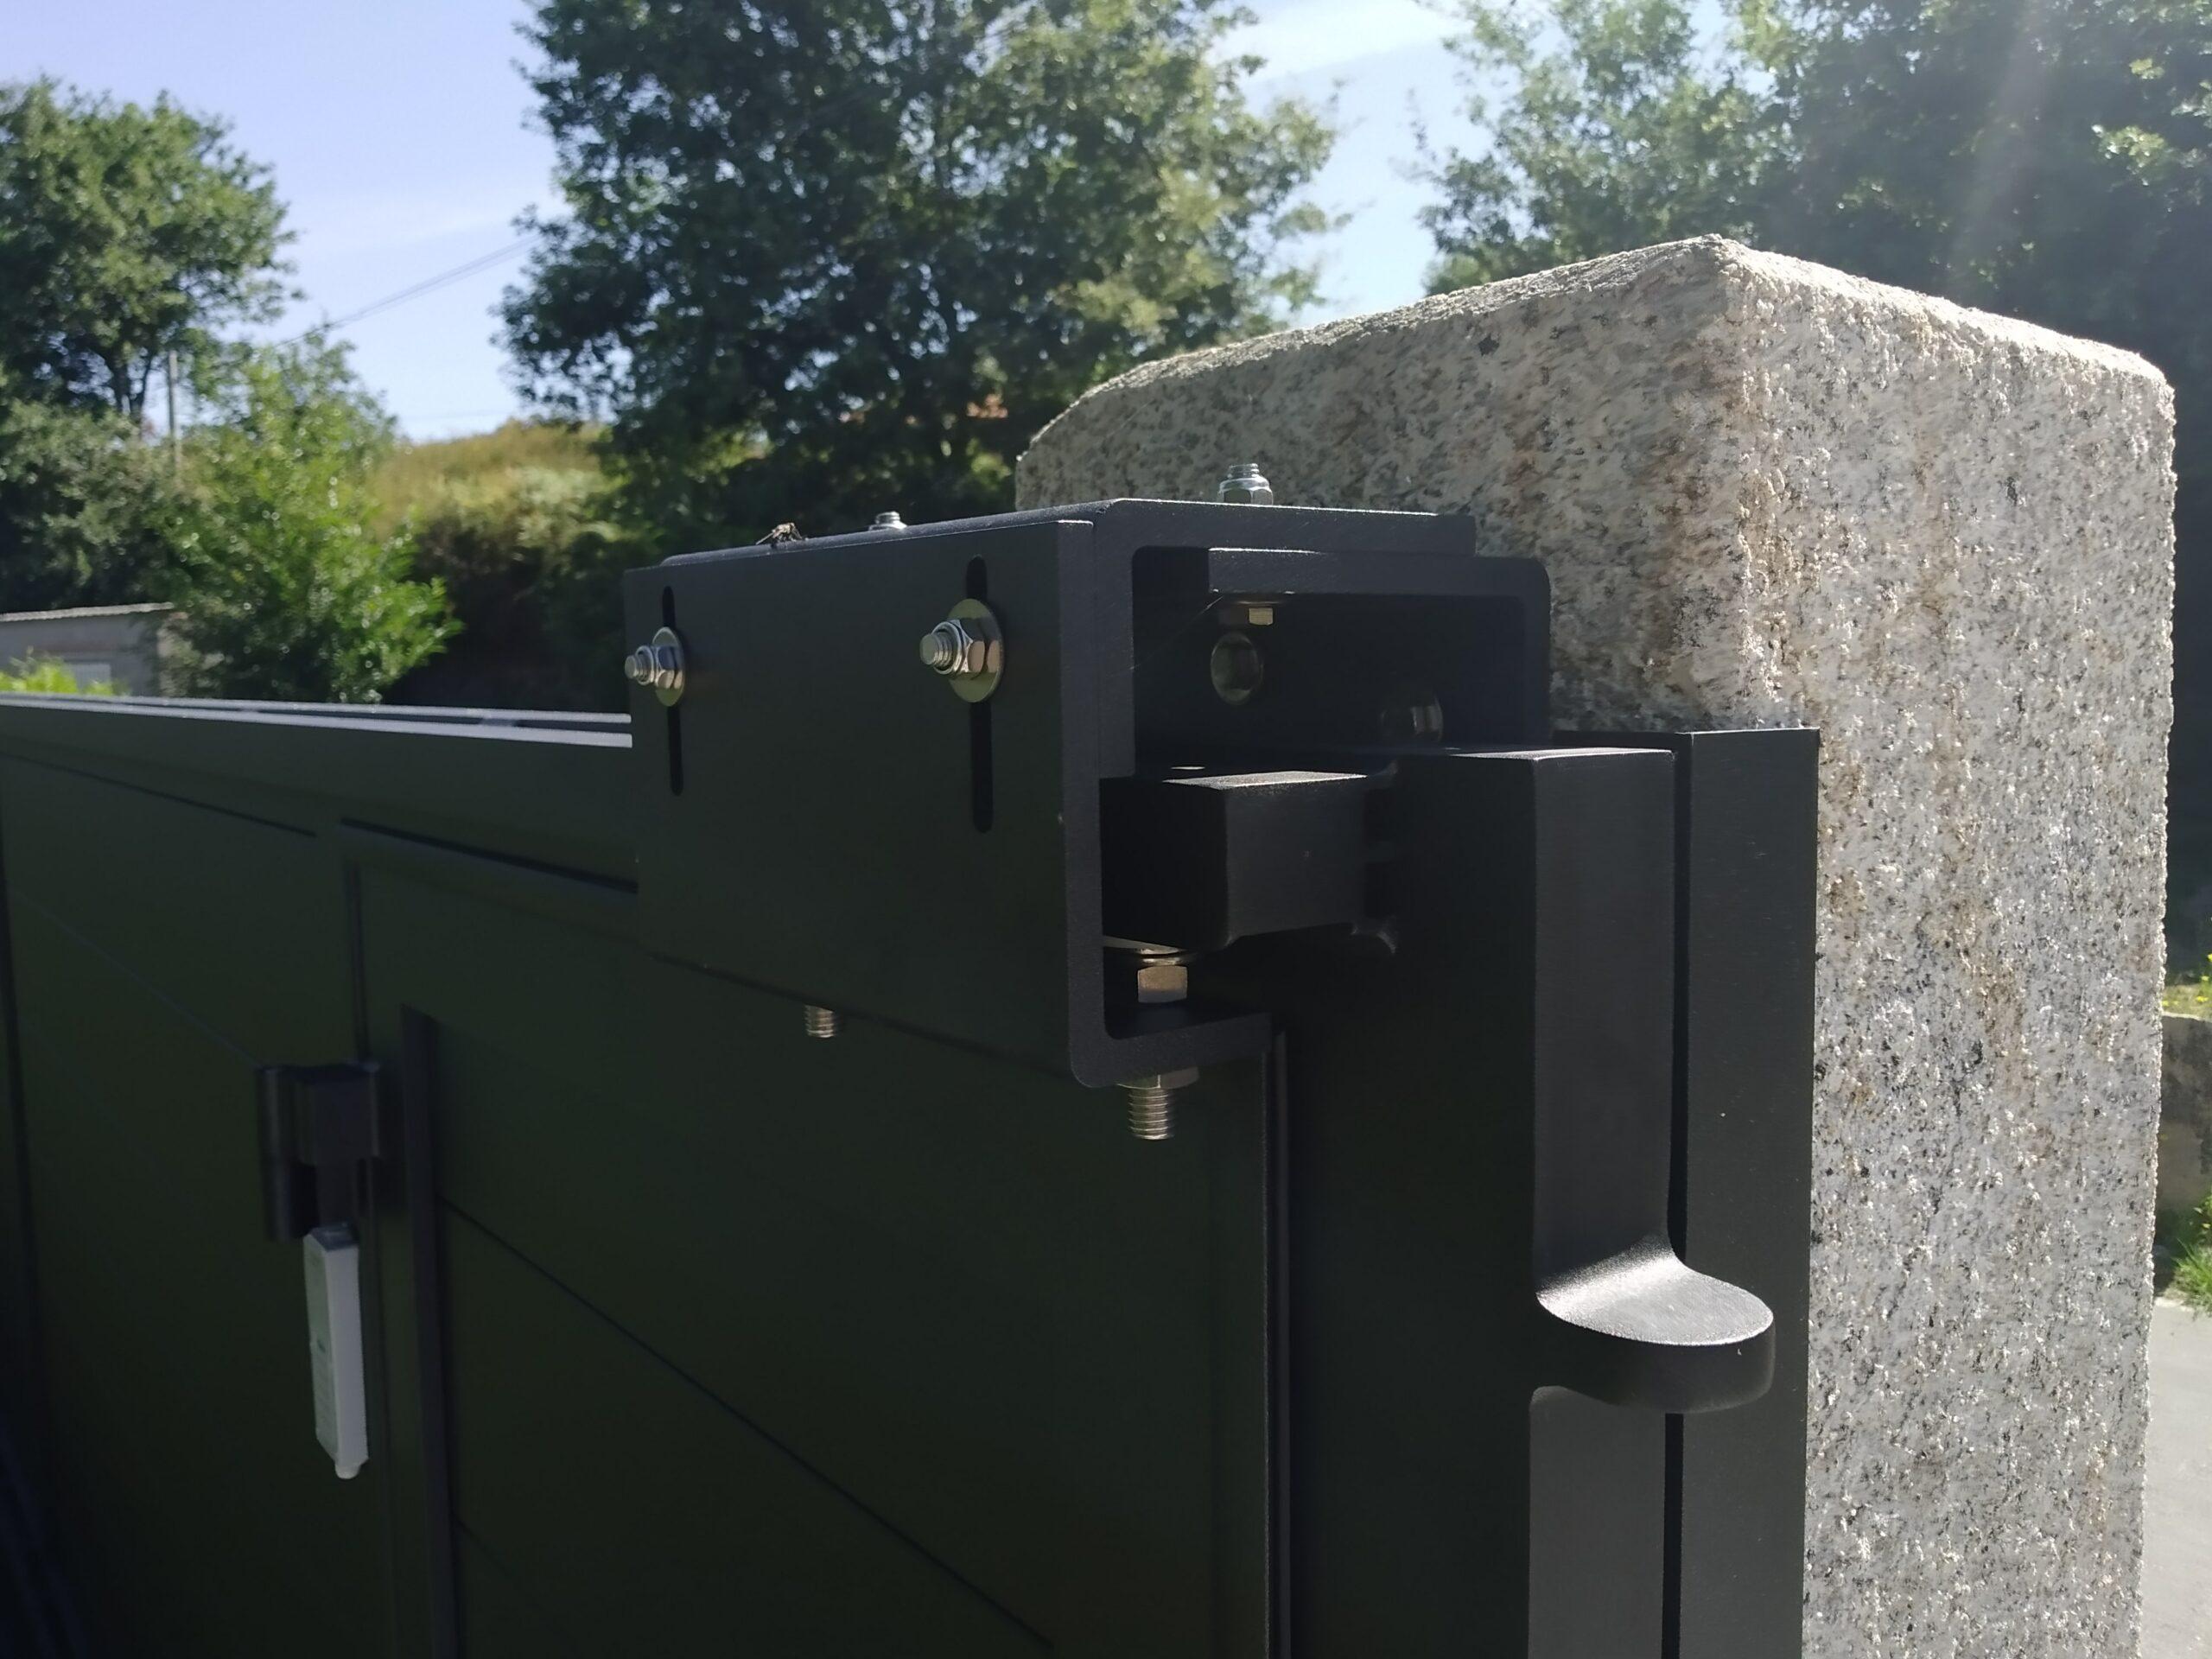 Portal de aluminio soldado en Cerponzóns (Pontevedra) 2